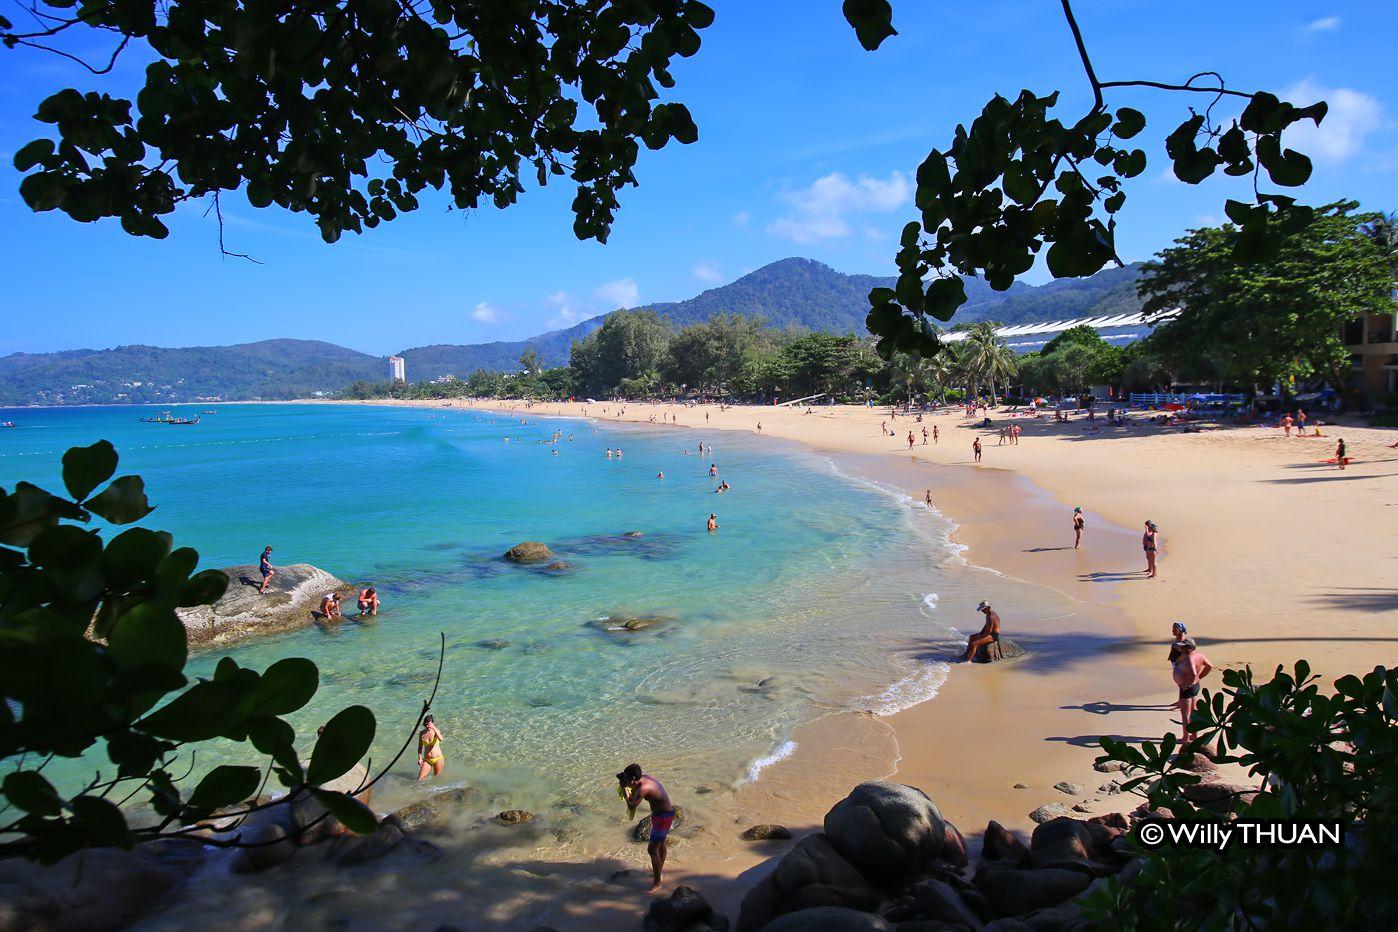 Karon Beach Phuket Thailand The huge swimming